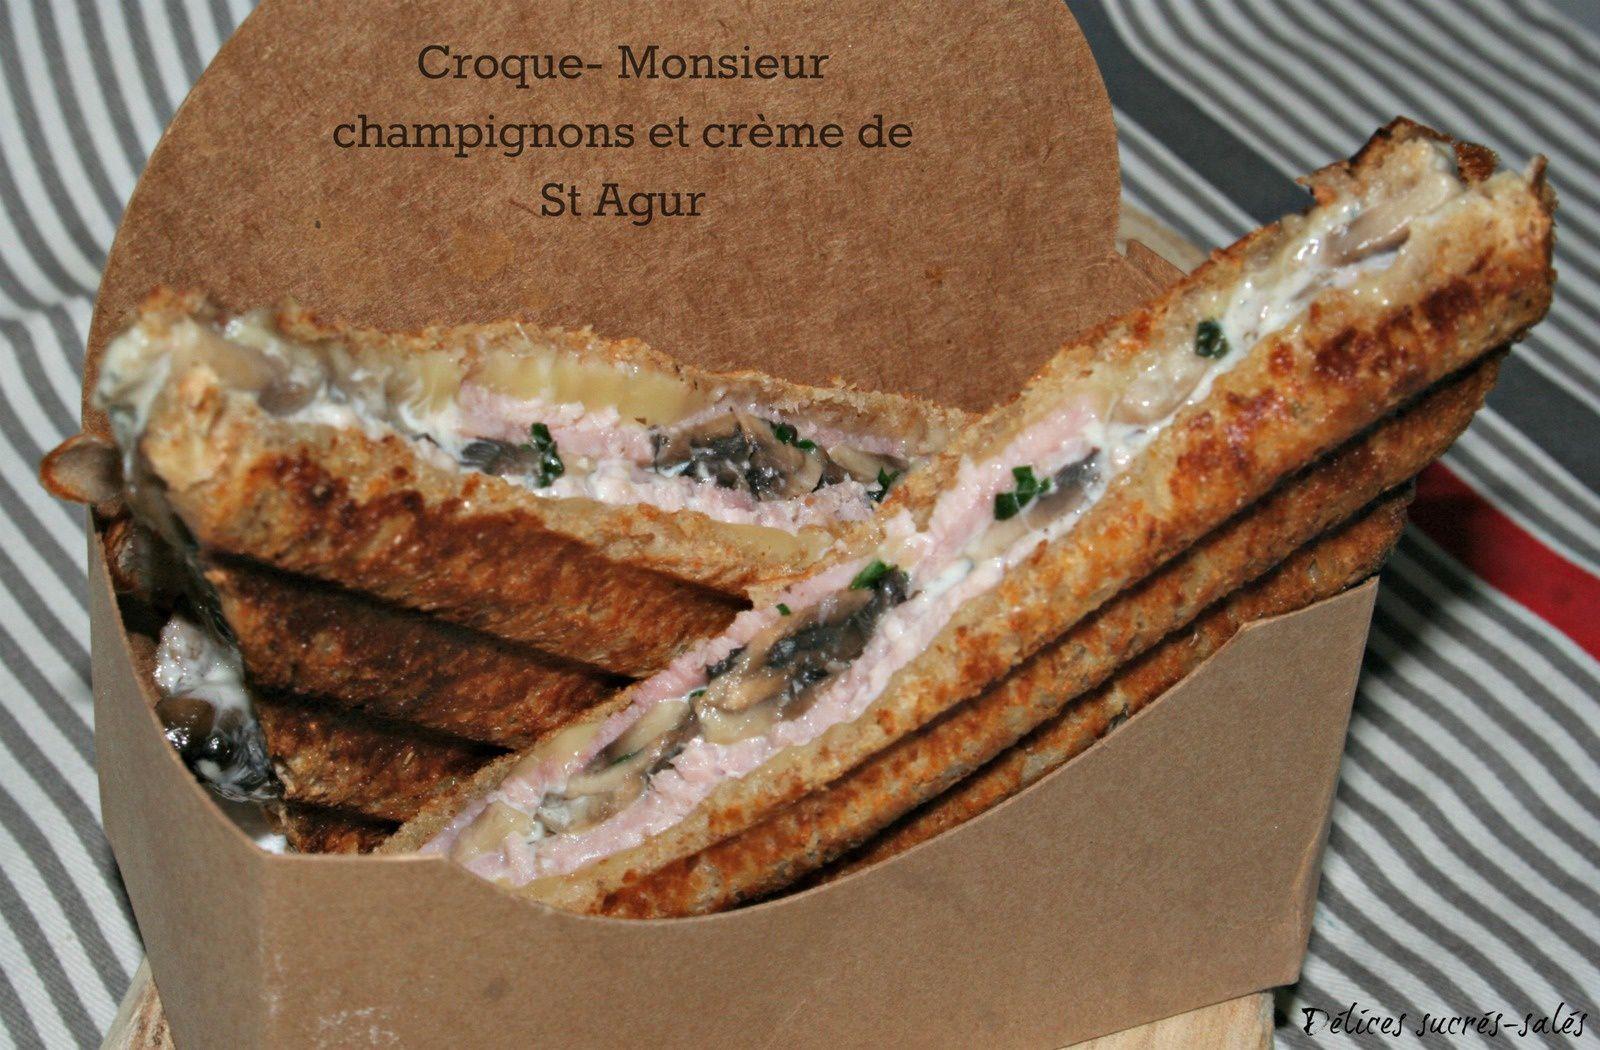 Croque- Monsieur champignons et crème de St Agur